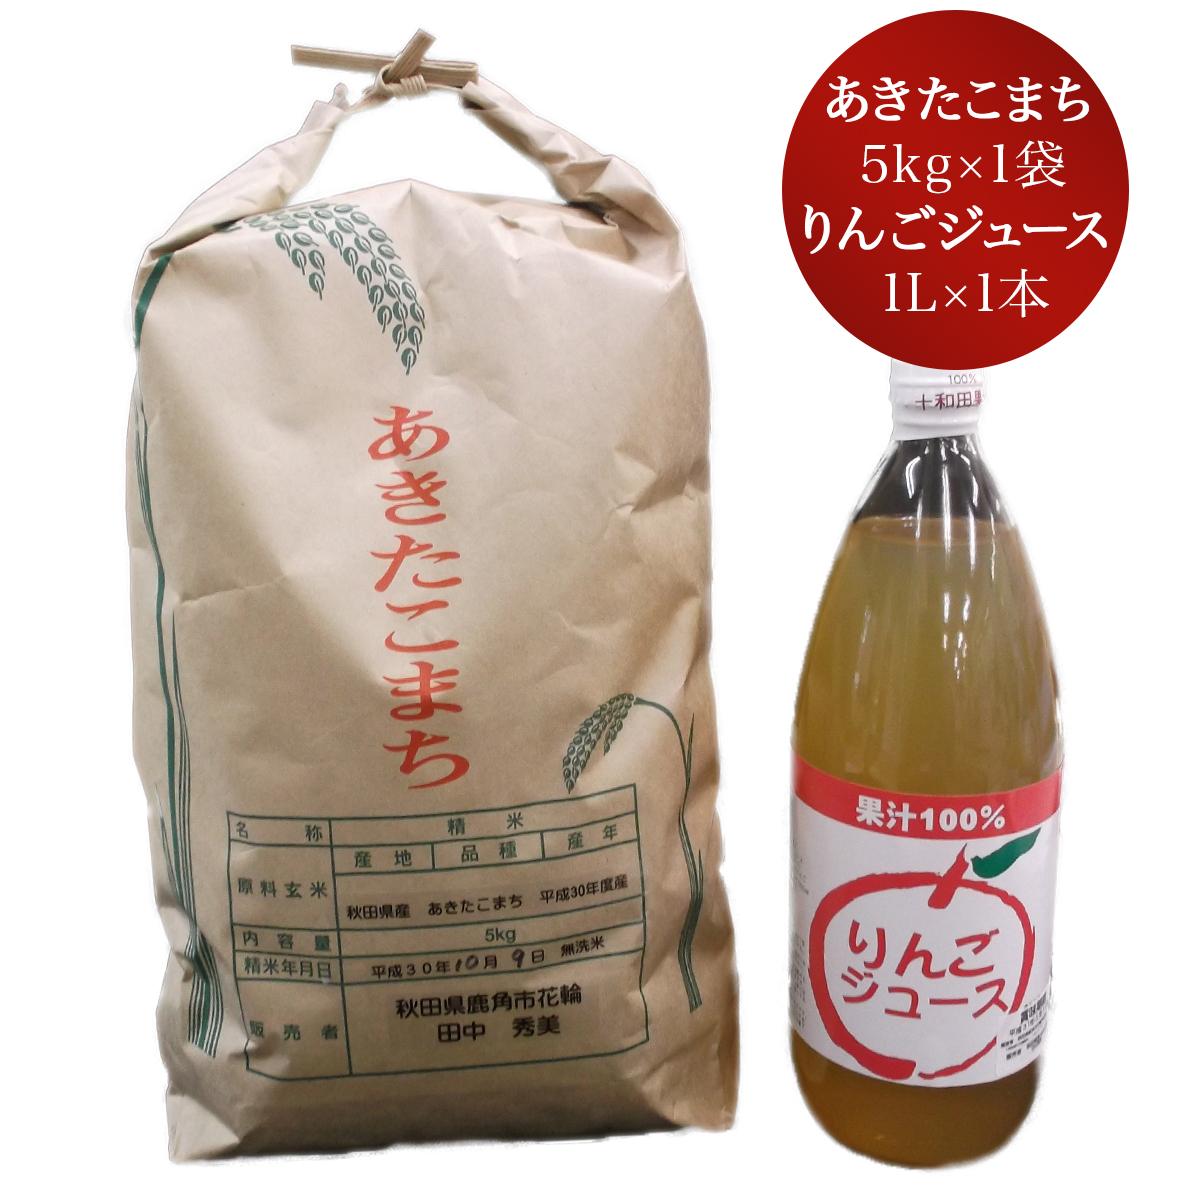 【ふるさと納税】【30年産】 あきたこまち精米5kg、りんごジュース1L